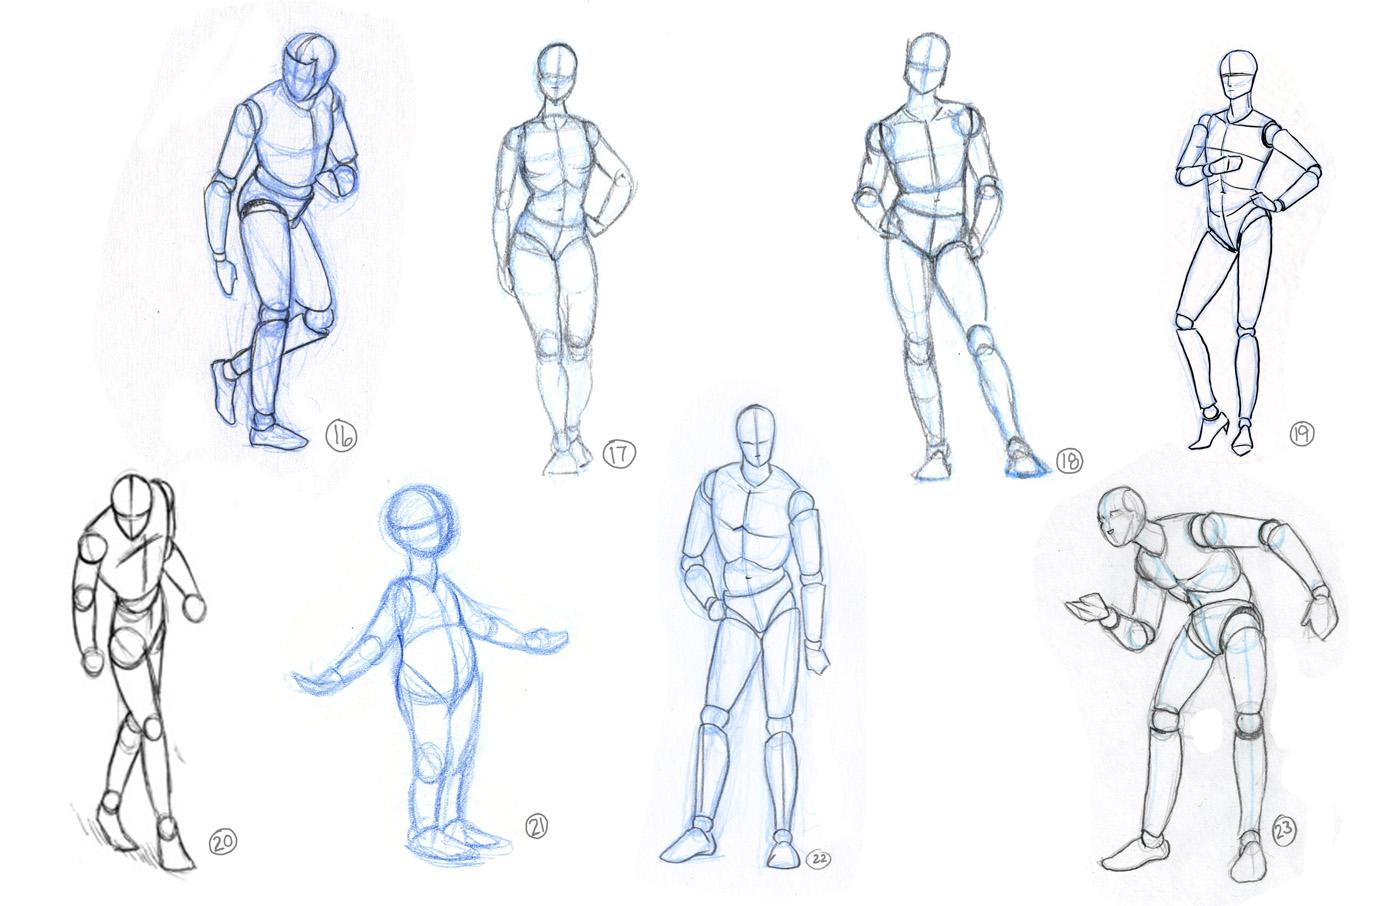 Basic Human Drawing At Getdrawings